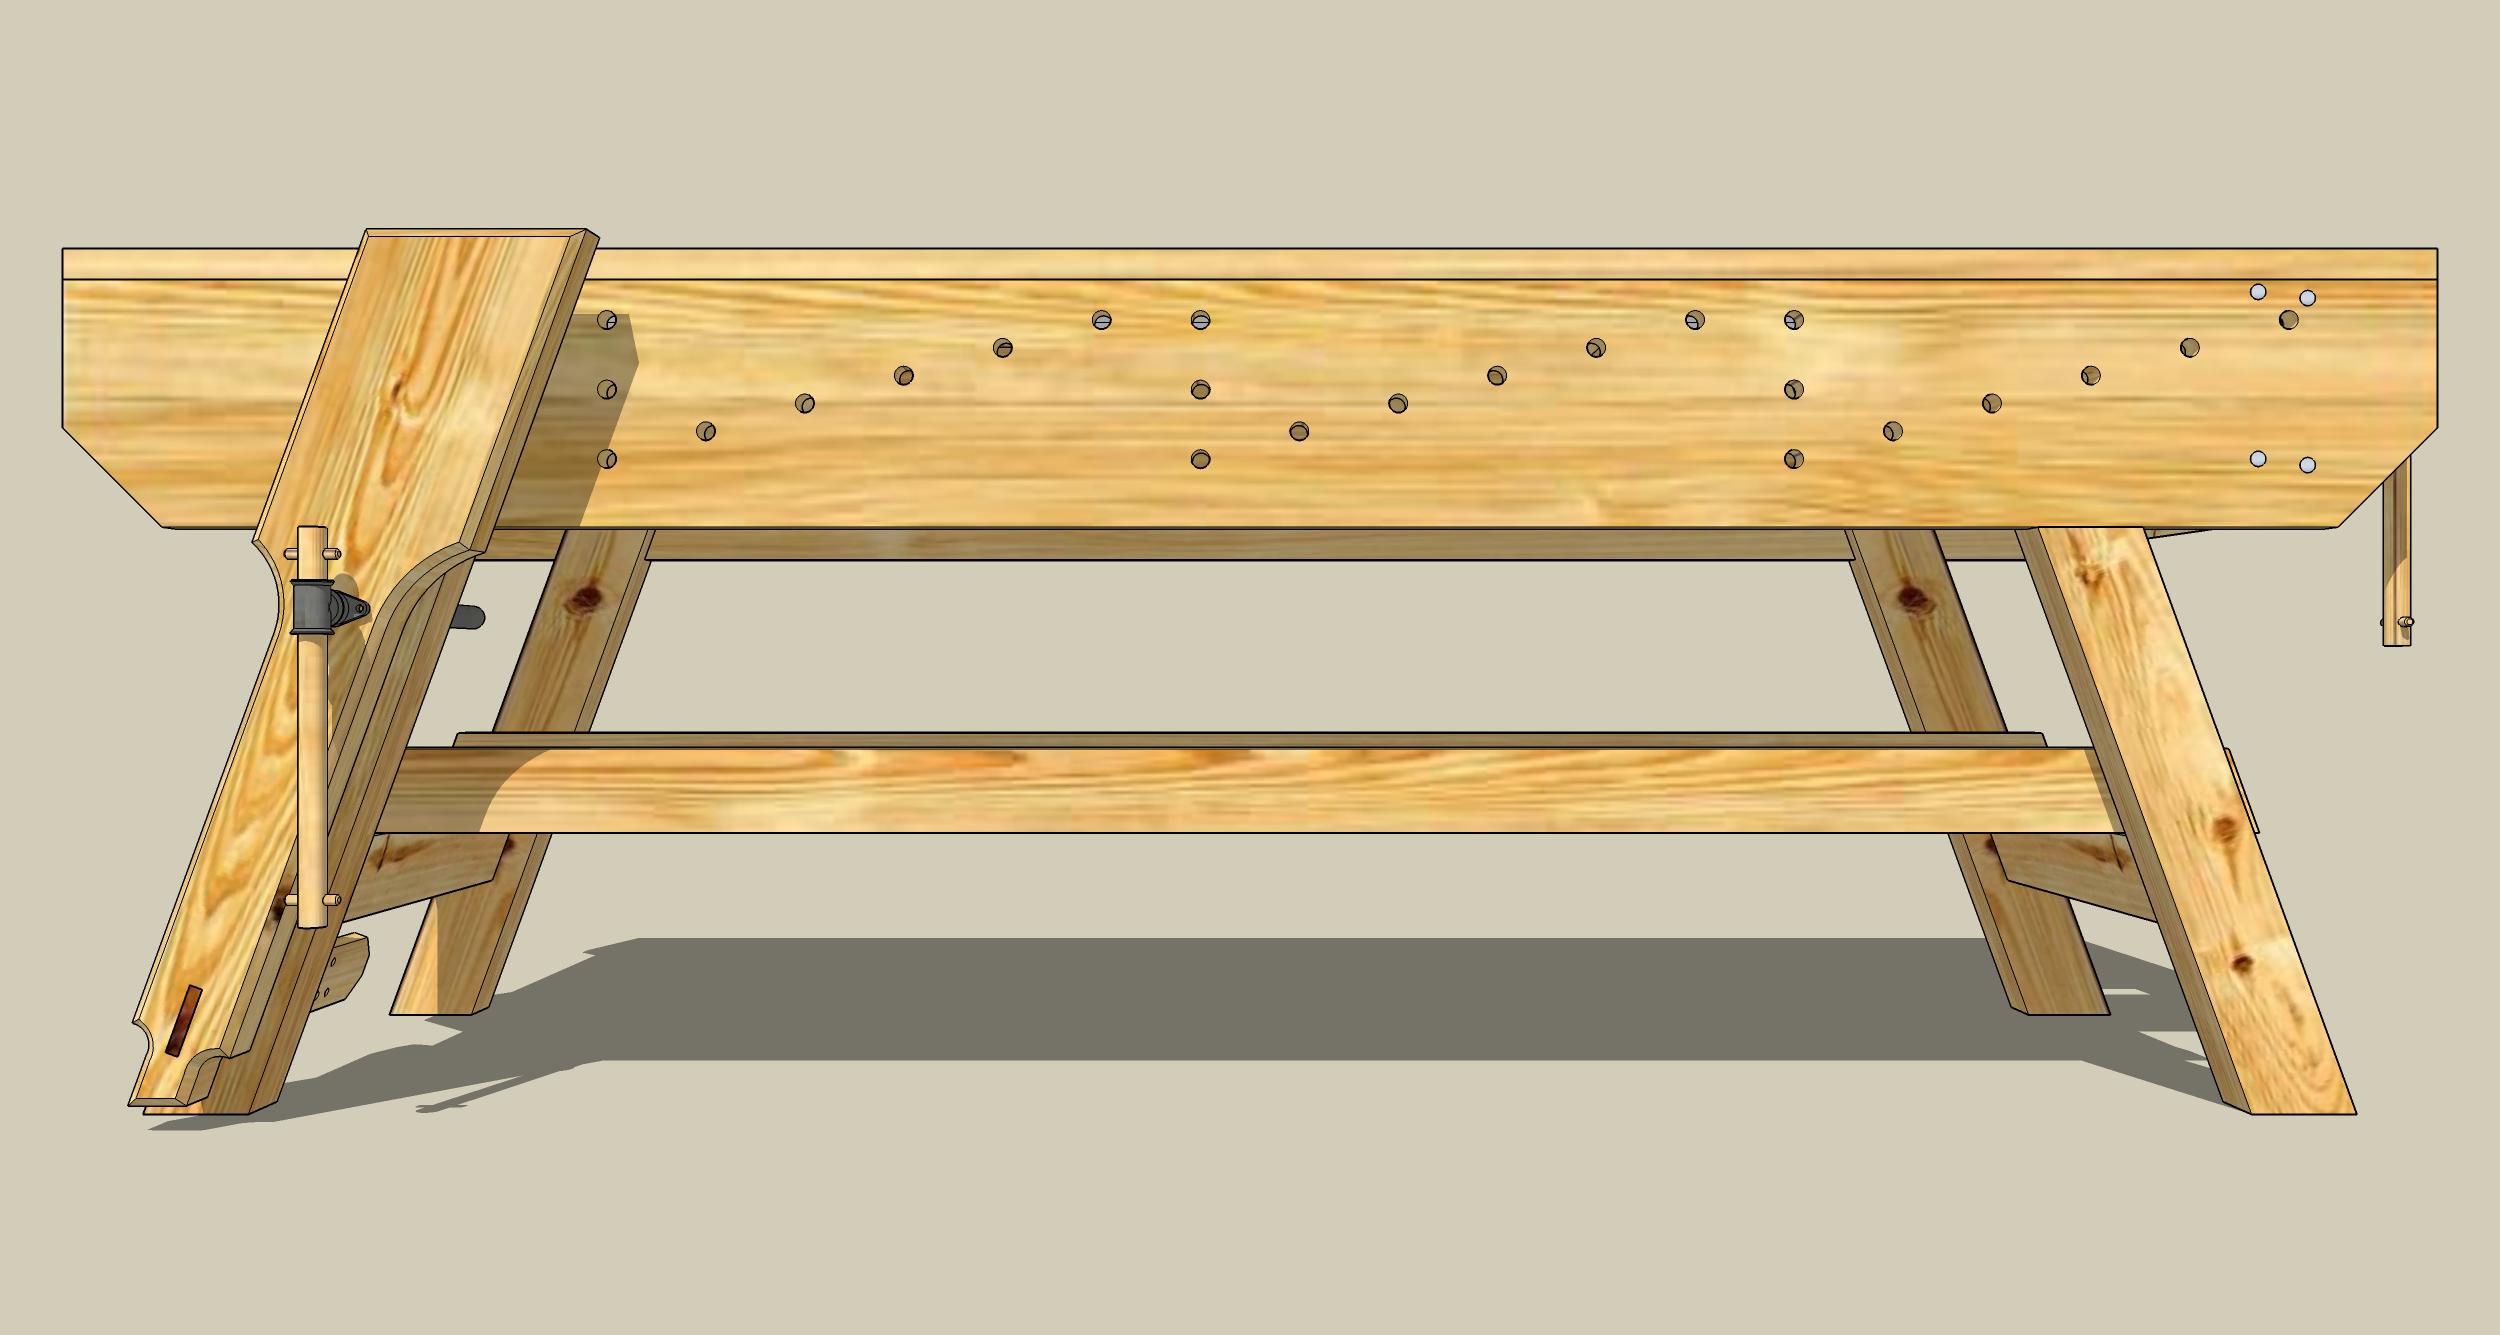 woodworking plans for workshop